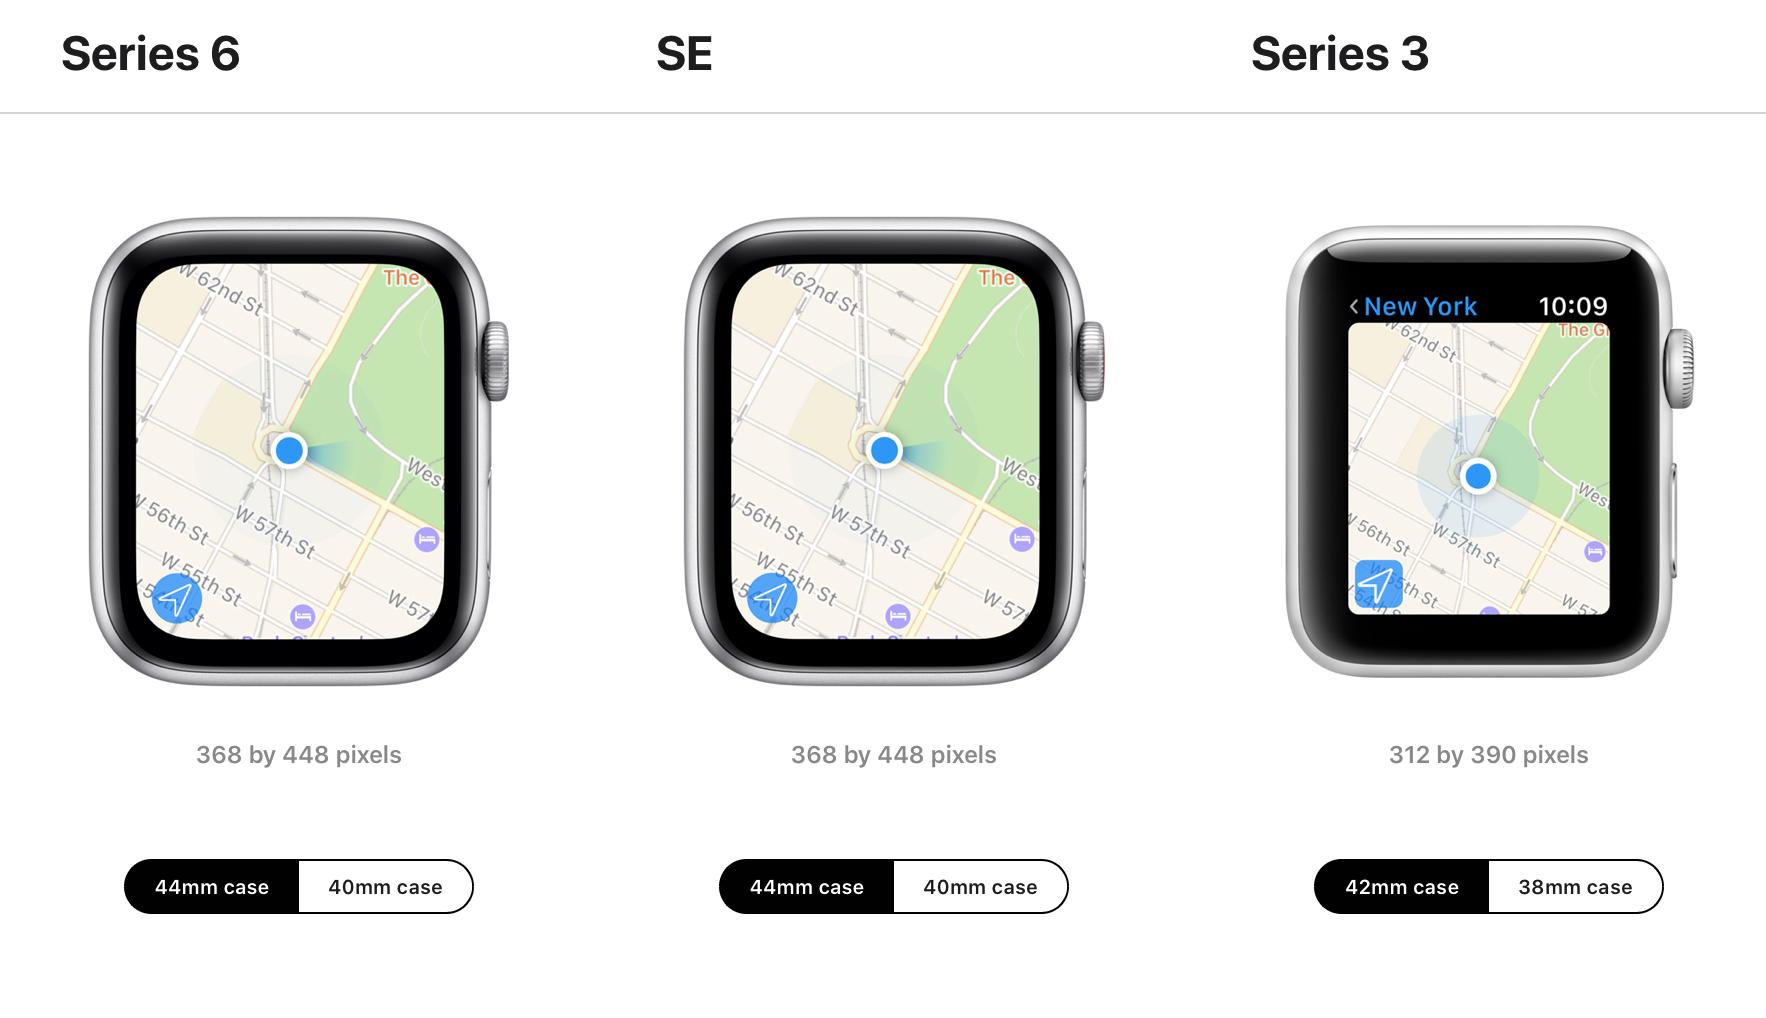 اپل واچ سری ۶ و SE در دو سایز ۴۰ و ۴۴ میلیمتری